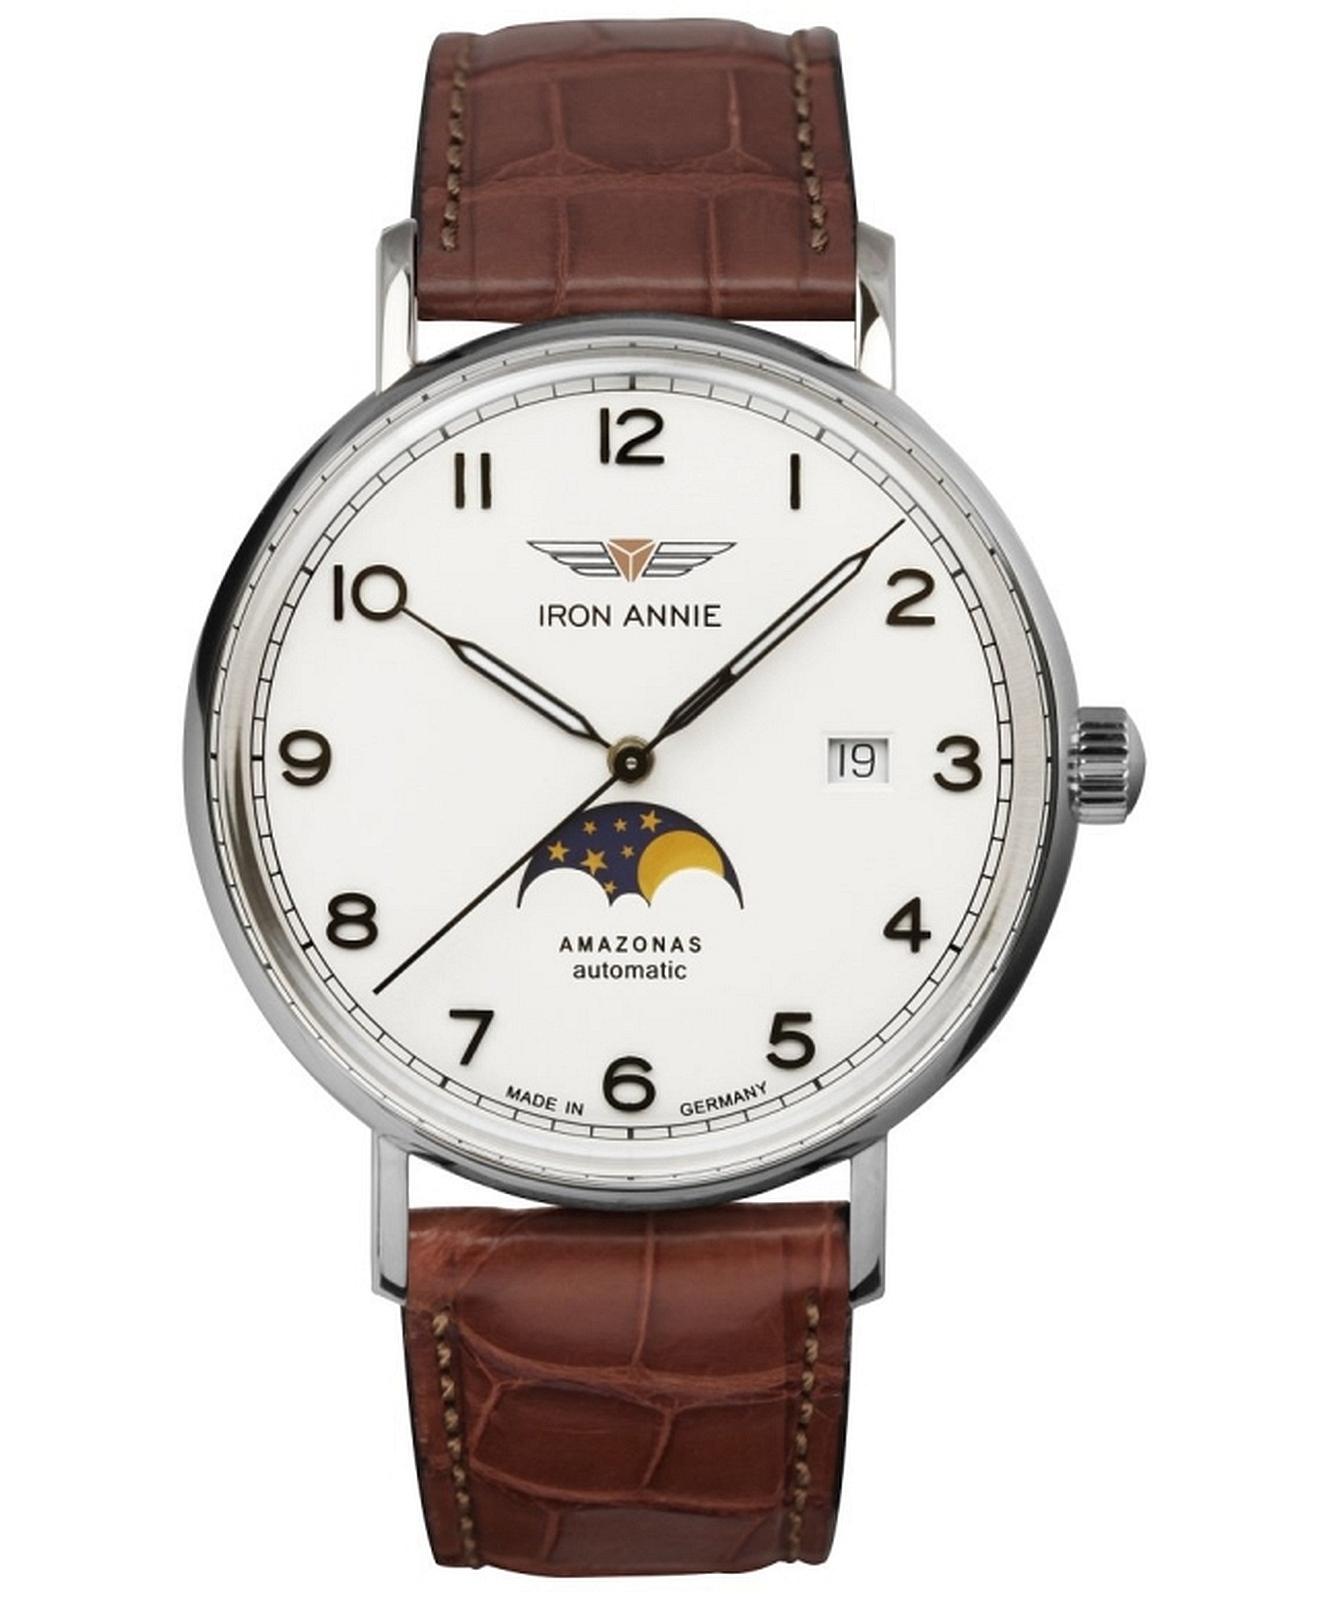 zegarek-meski-iron-annie-d-aqui-amazonas-automatik-ia-5908-1